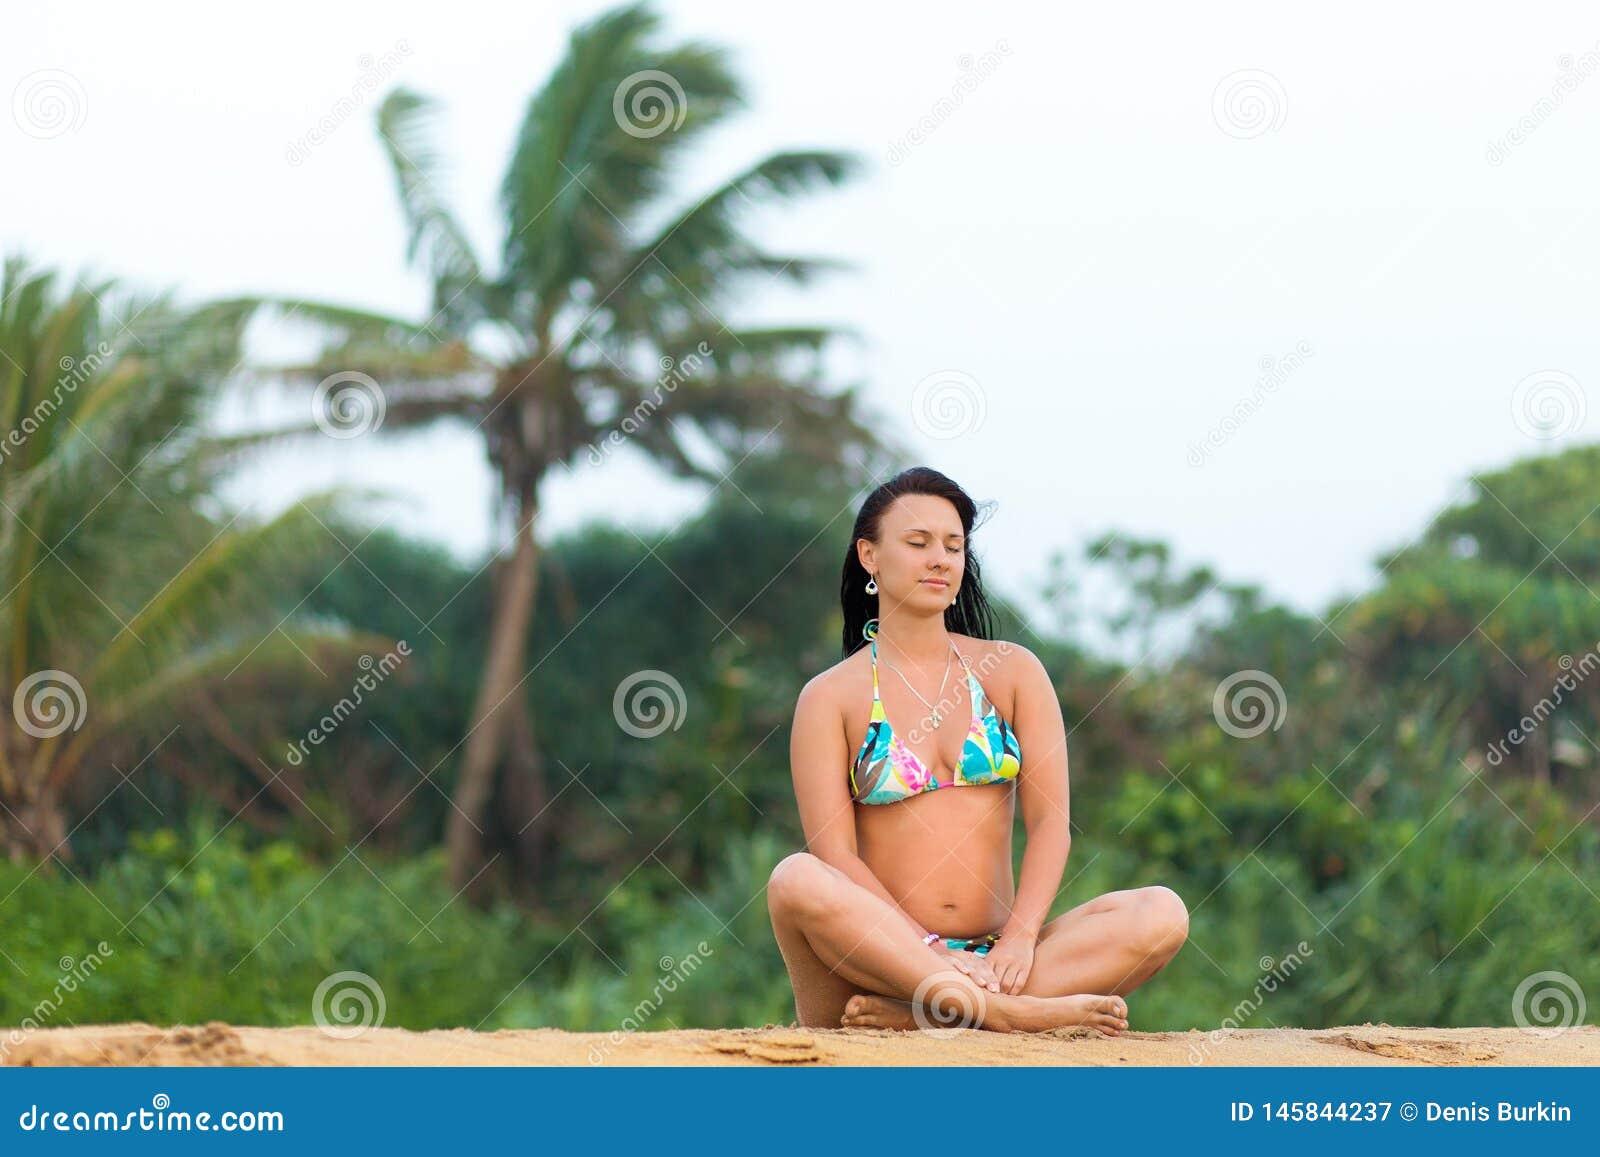 M?dchen in einem Badeanzug, der auf dem Strand Sri Lanka aufwirft ?berraschendes M?dchen in einem wei?en Badeanzug mit einer sch?